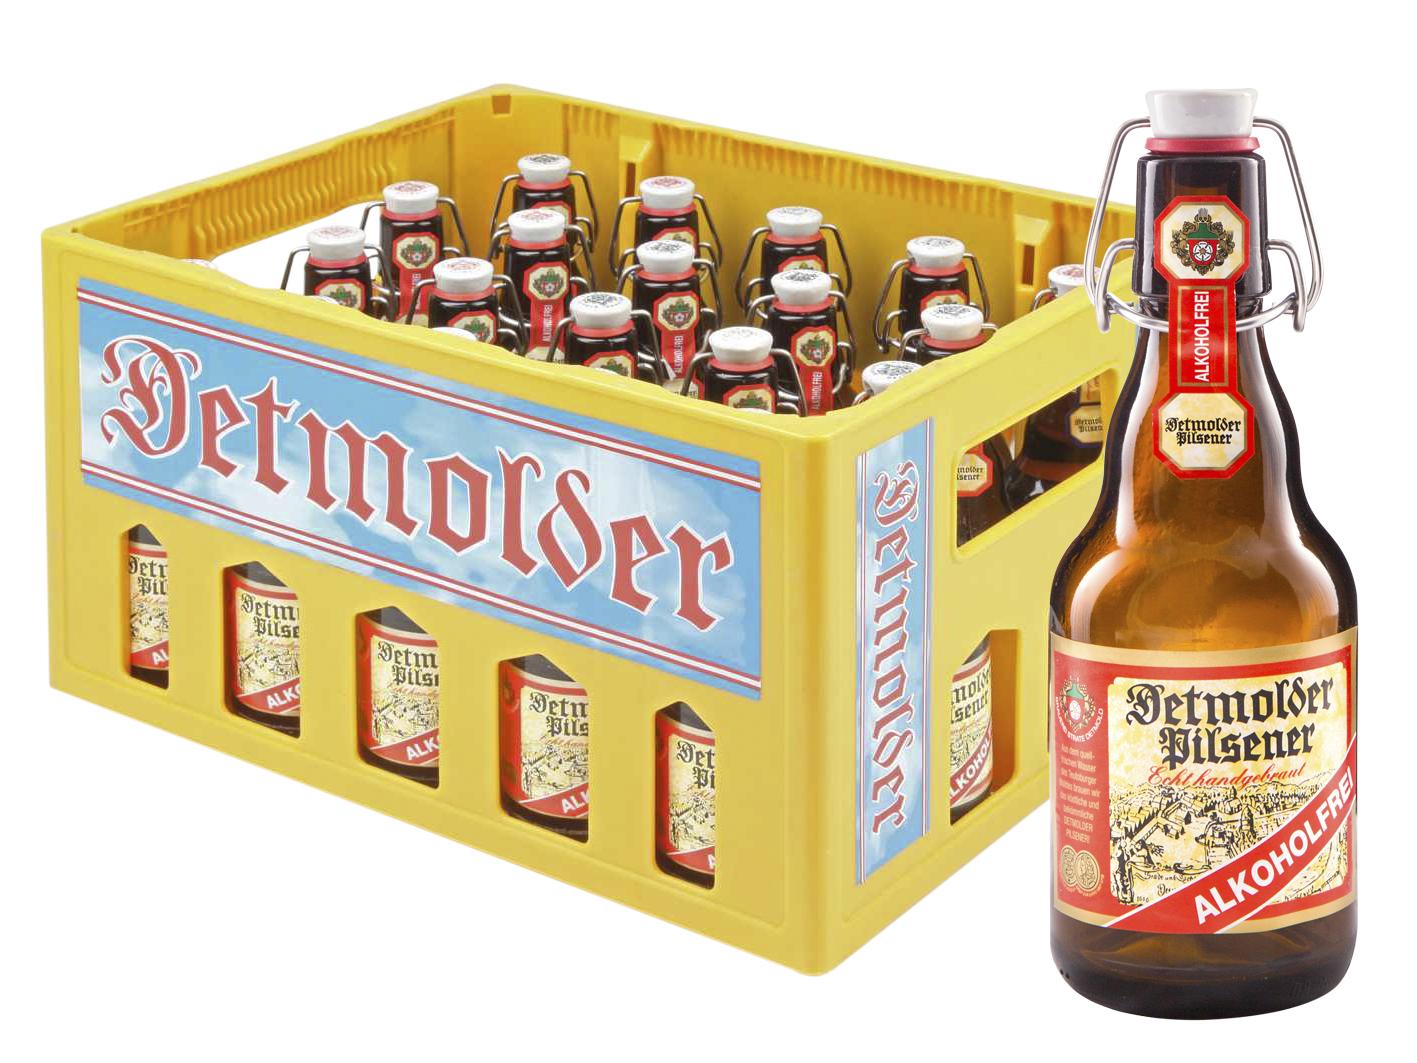 Detmolder Pils Alkoholfrei Kasten mit Flasche Image